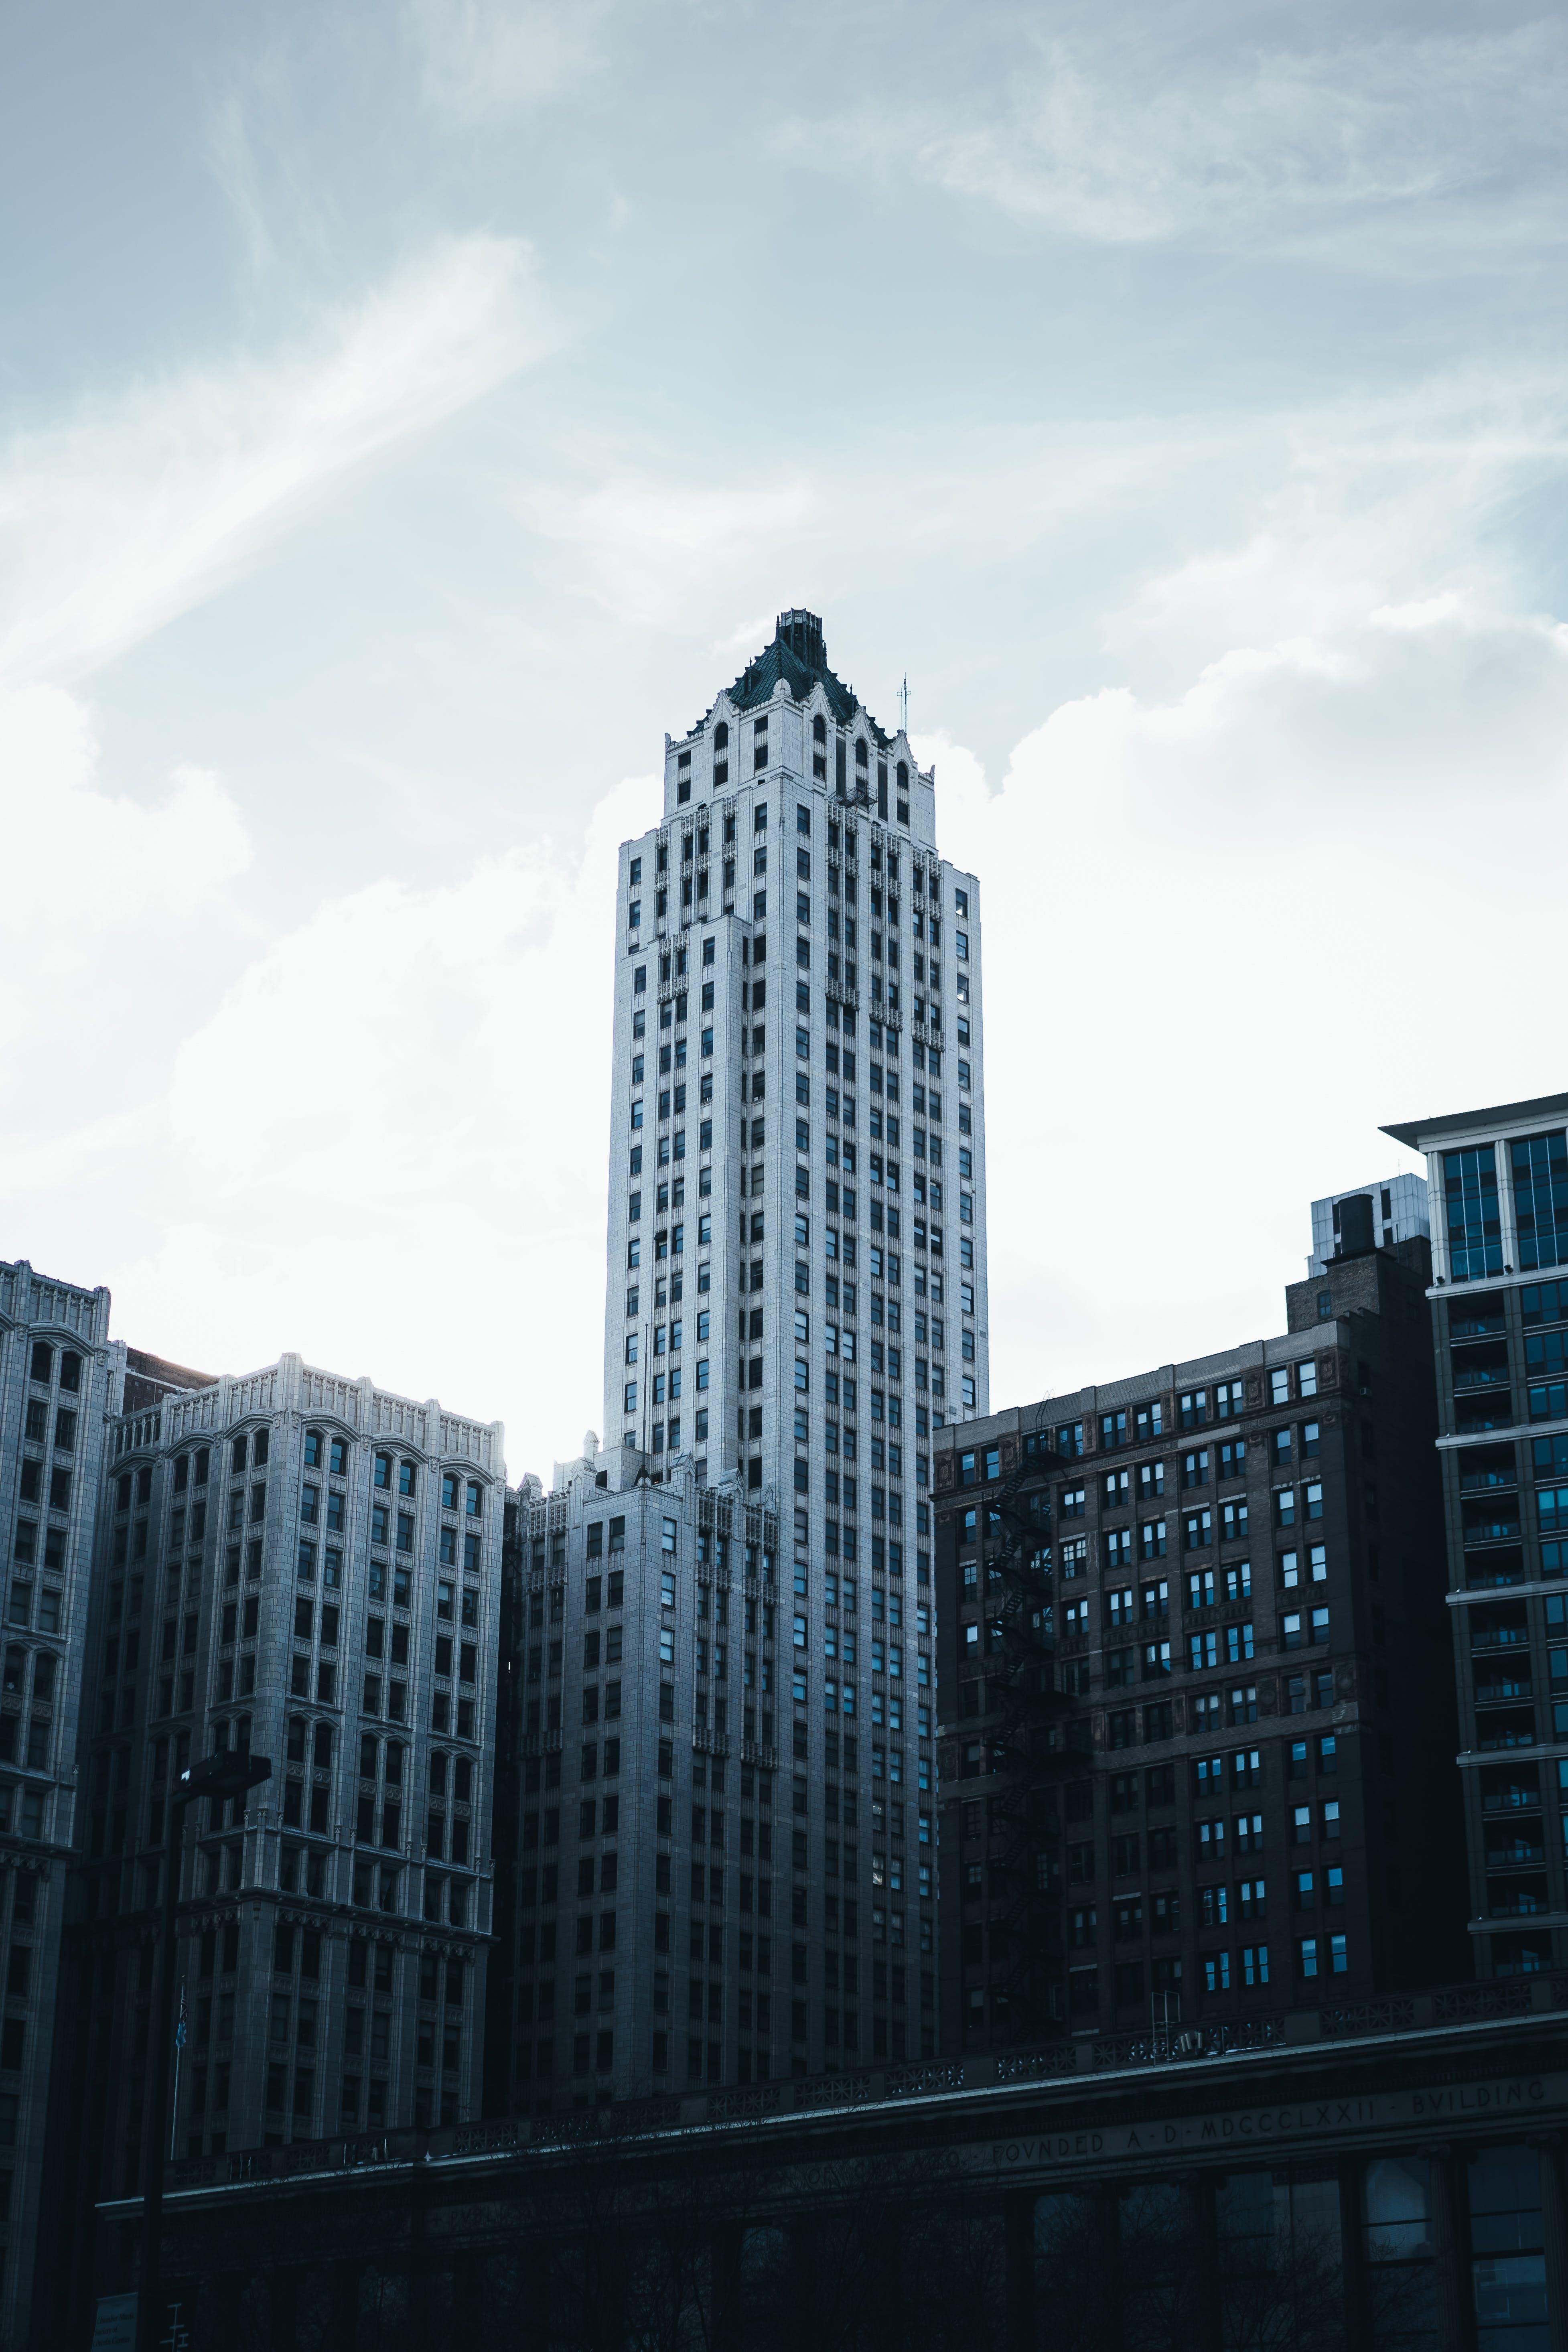 Бесплатное стоковое фото с архитектура, бизнес, высотное здание, горизонт